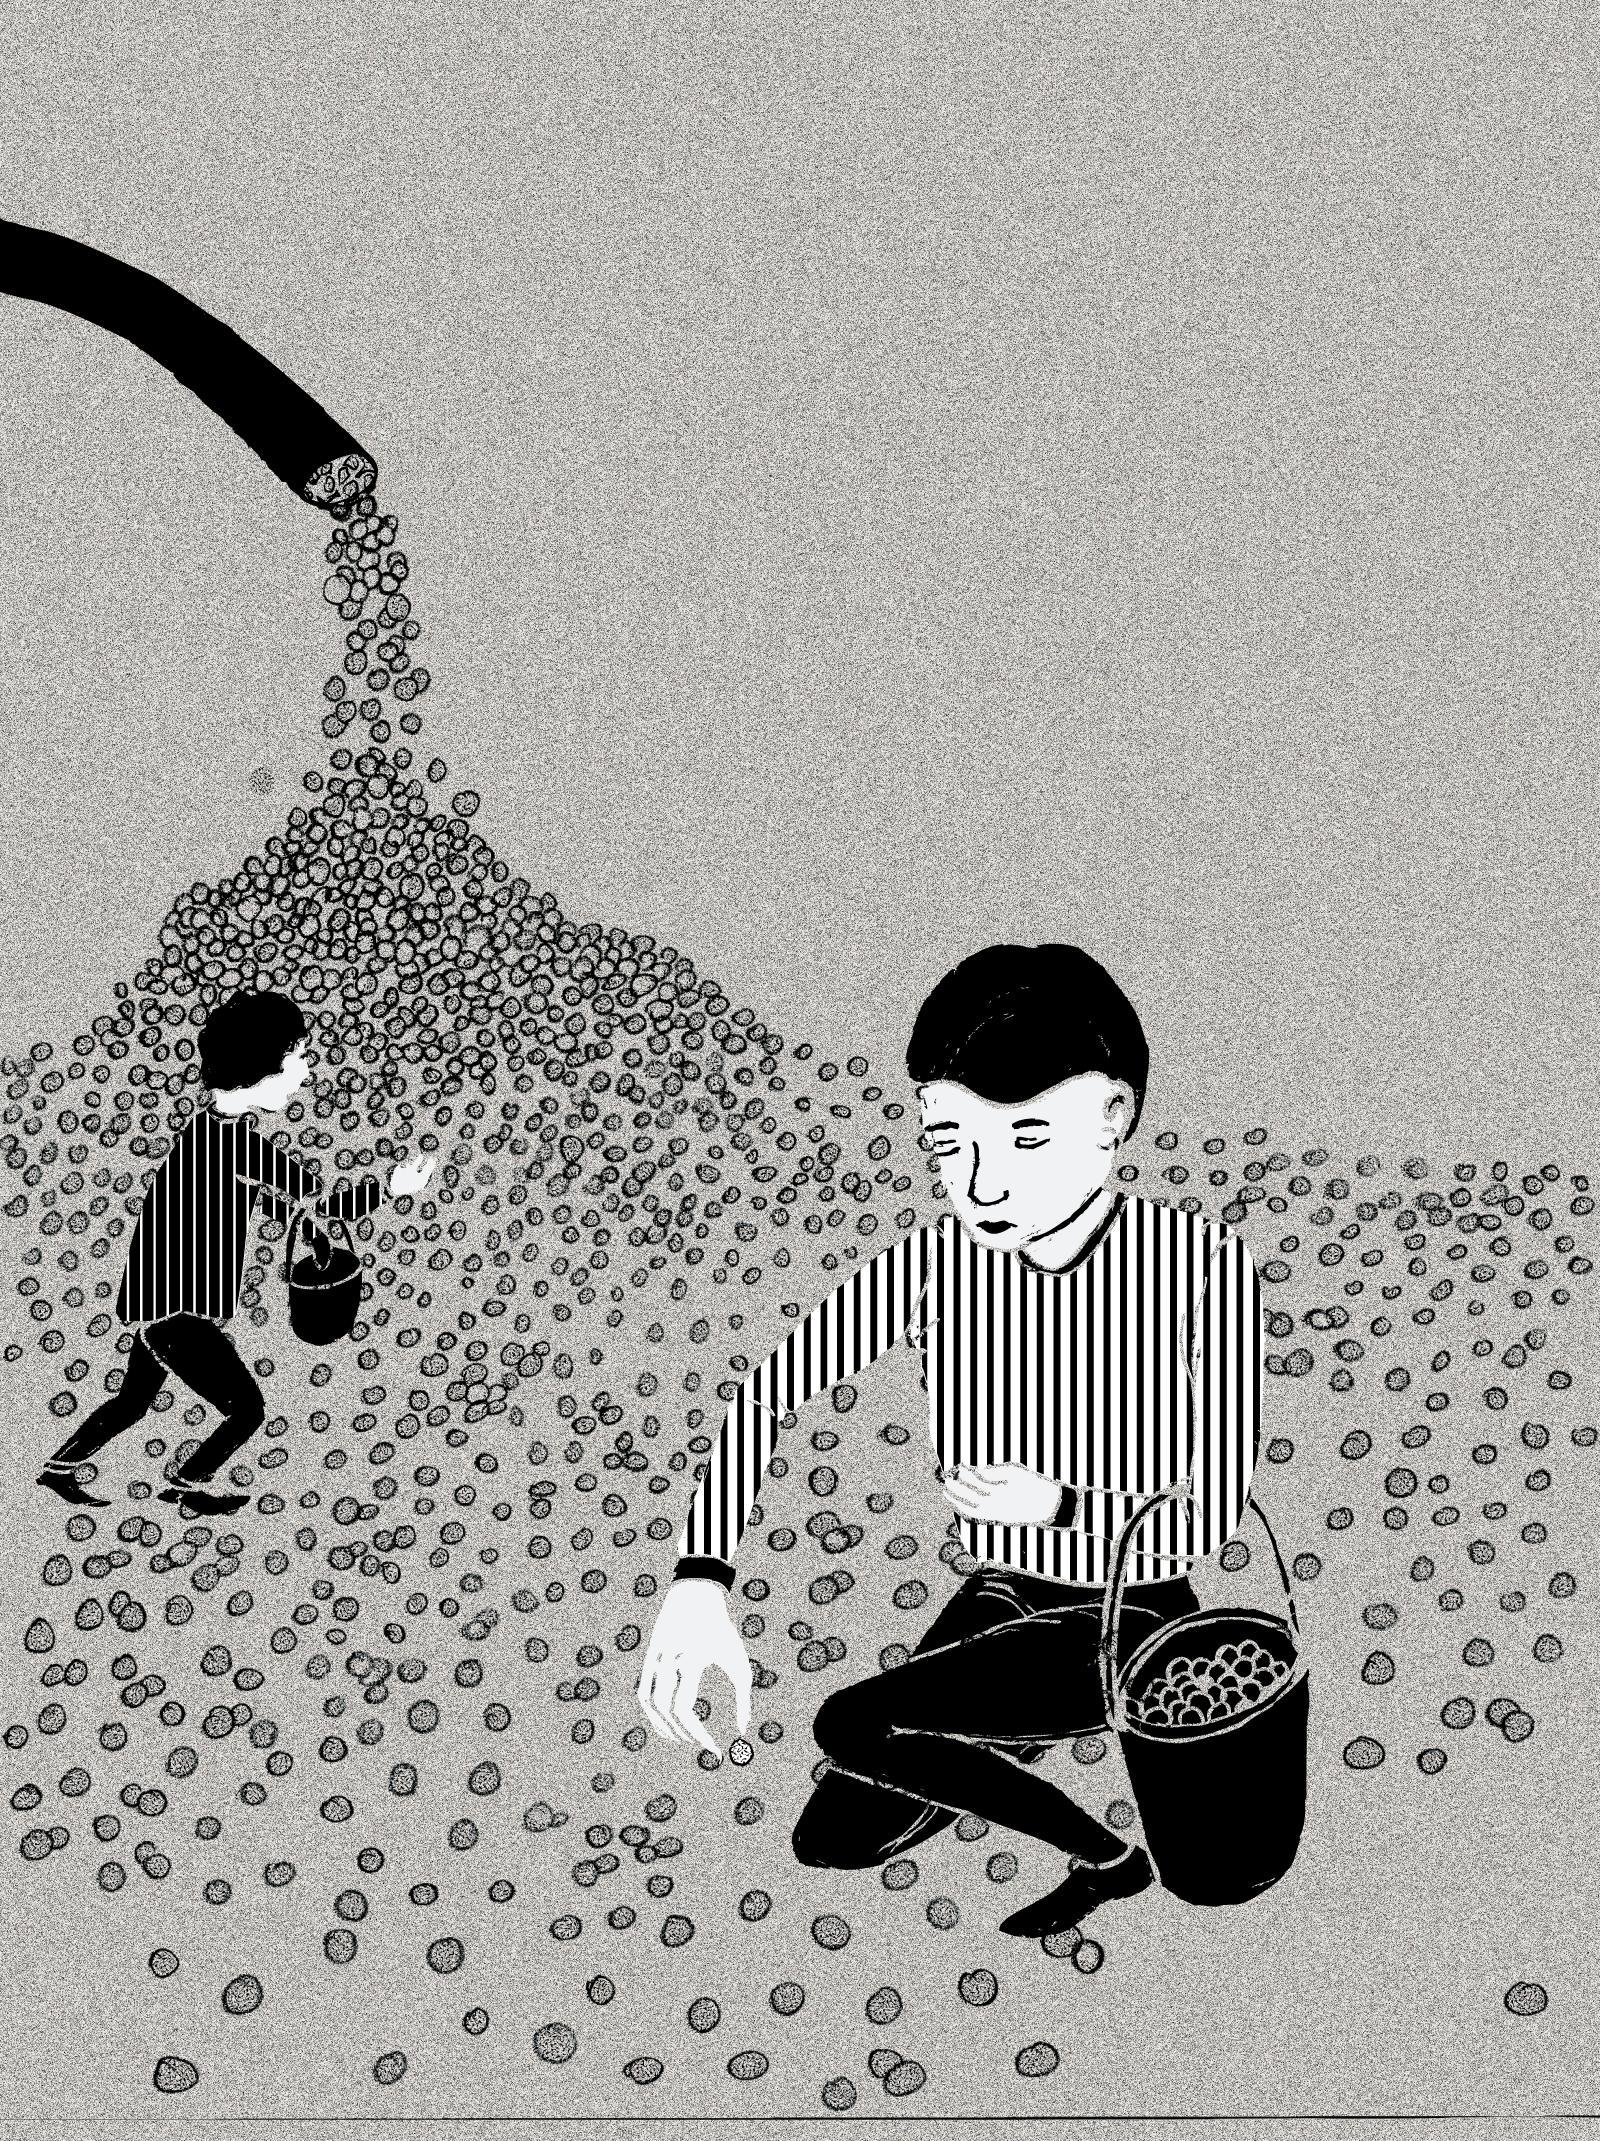 Fragmente einer Großstadt Leben in der erbsensammlergesellschaft full